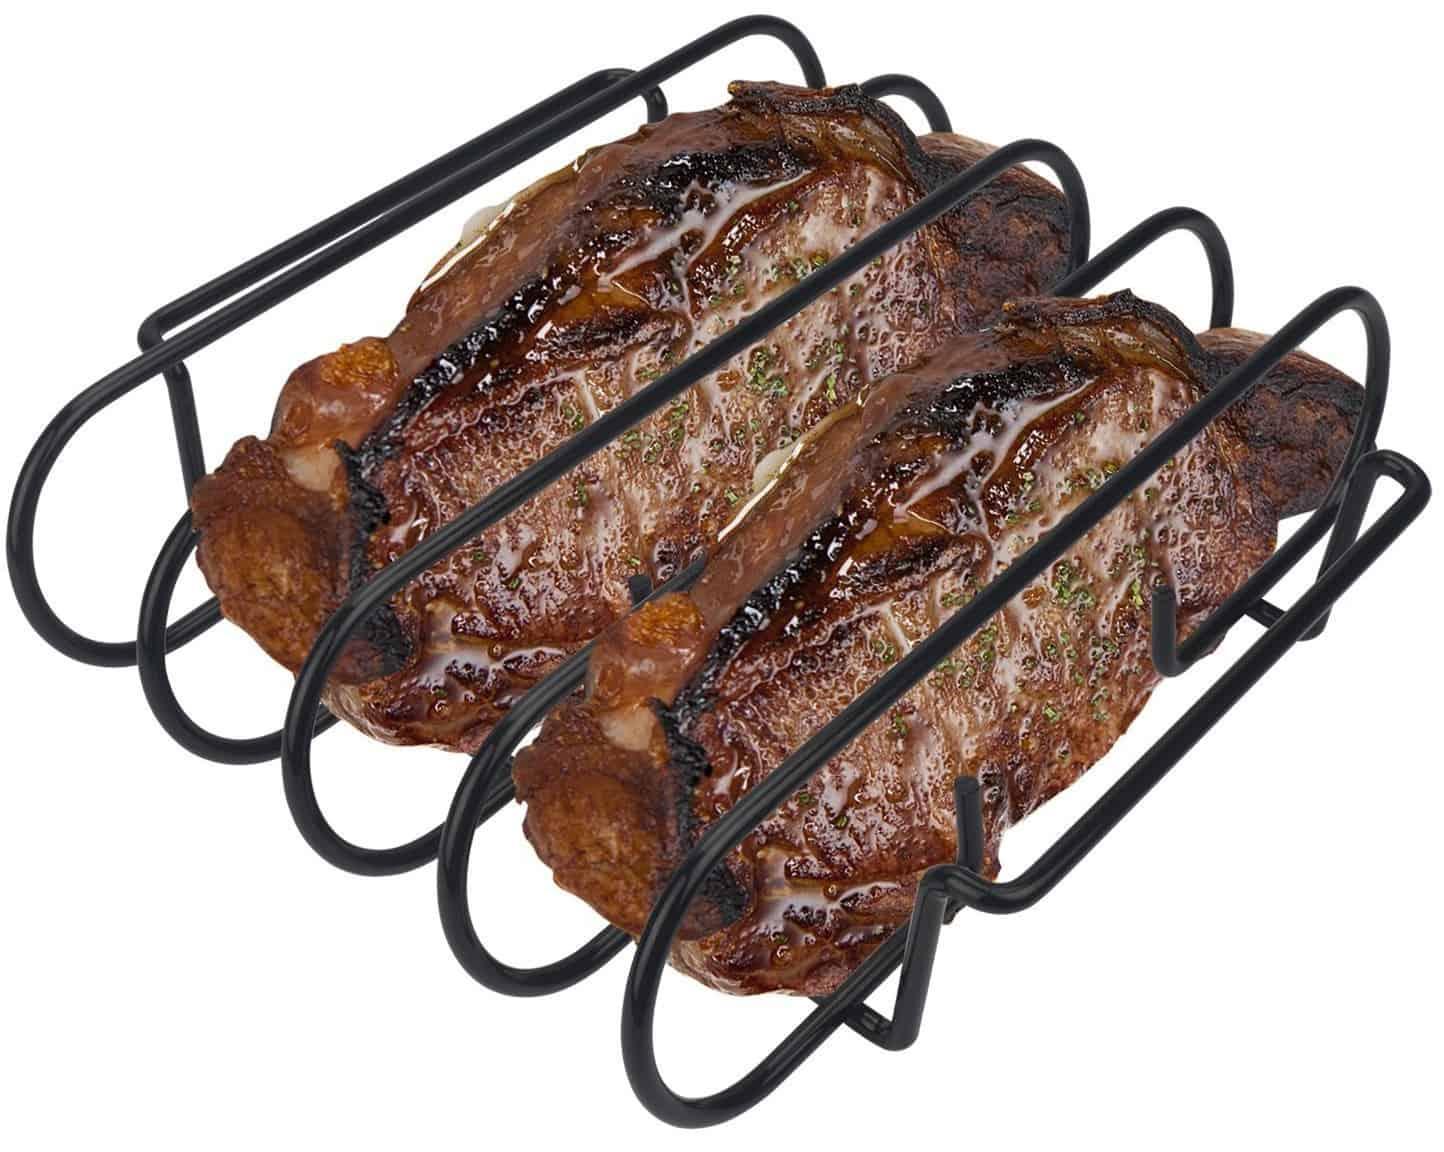 supporto costine alla griglia - ribs rack